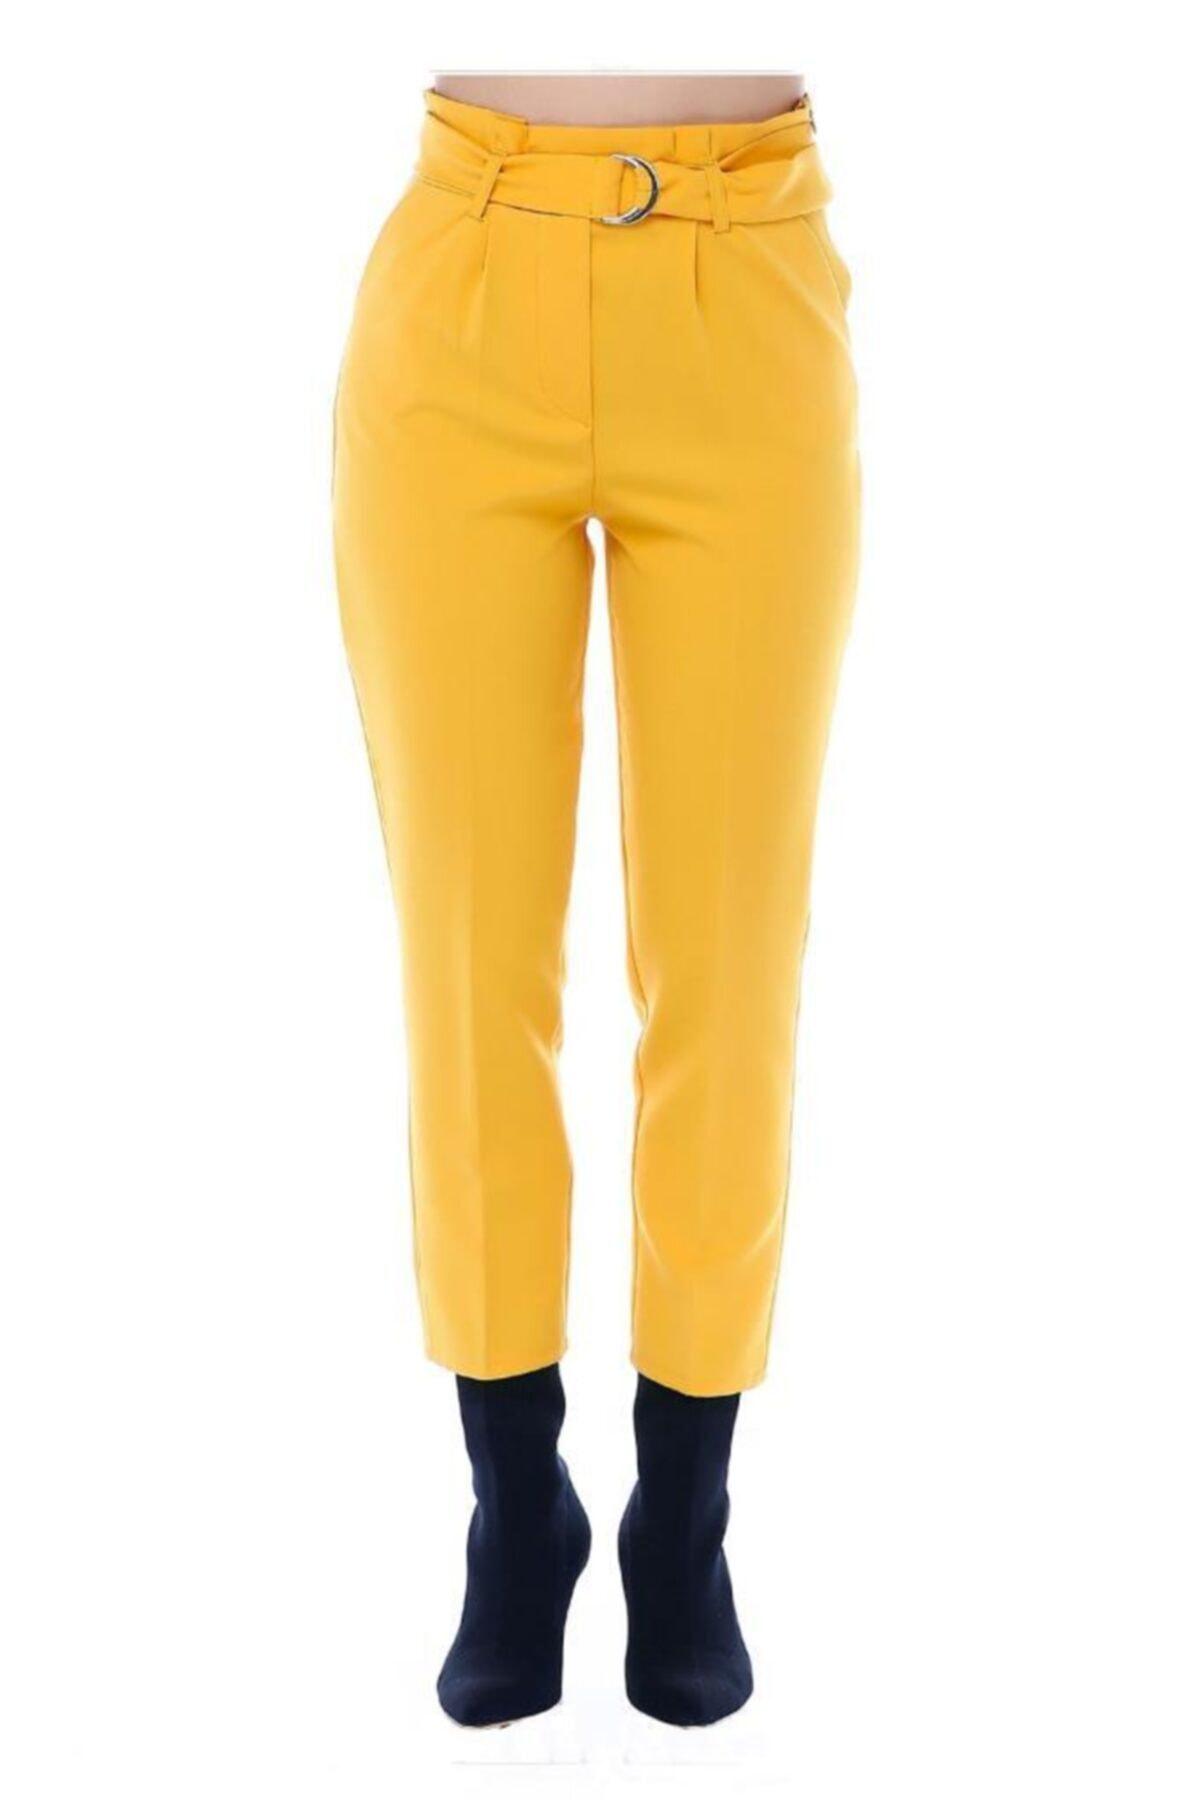 Modkofoni Yüksek Bel Tokalı Sarı Bilek Pantolon 2